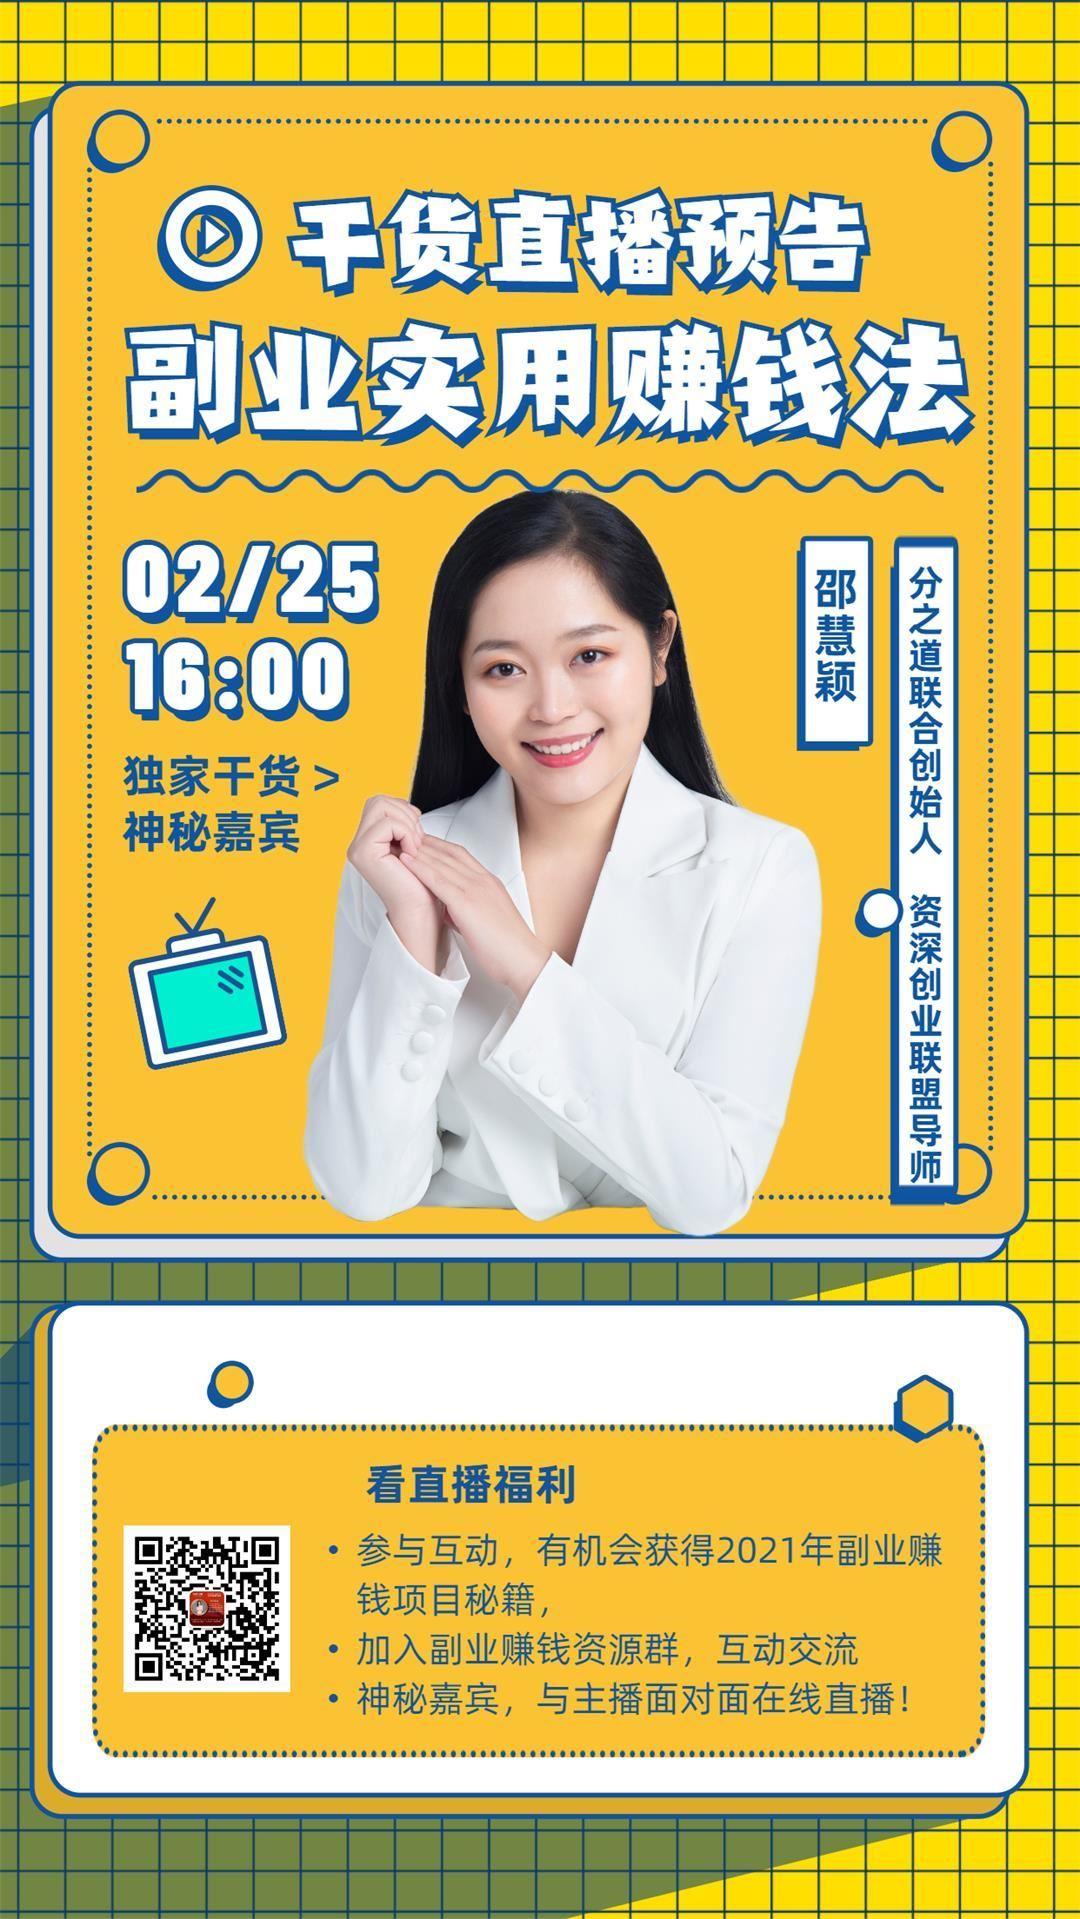 活动行副业直播预告海报.jpg